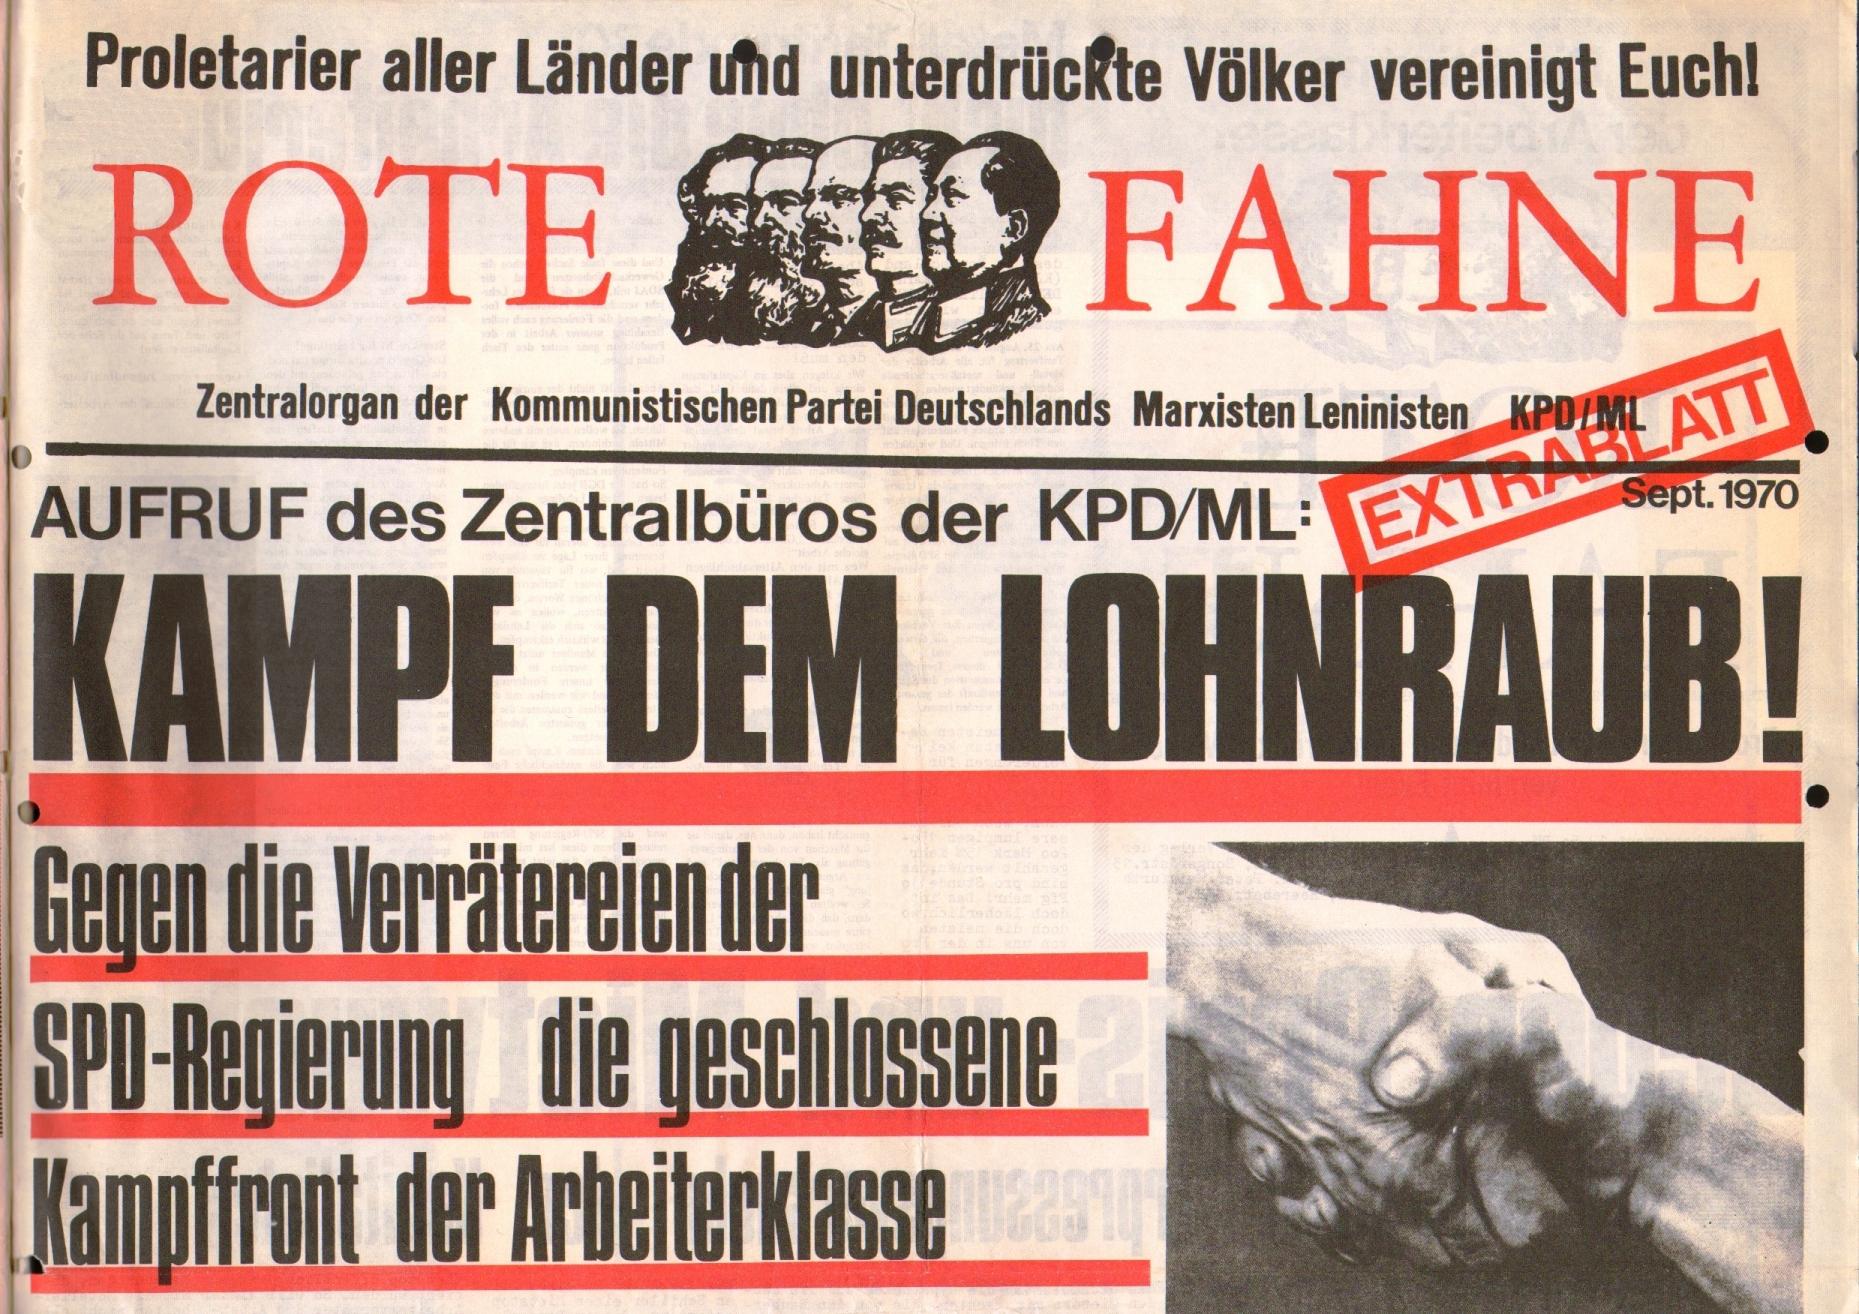 Rote Fahne, 1. Jg., September 1970, Extrablatt, Seite 1 oben